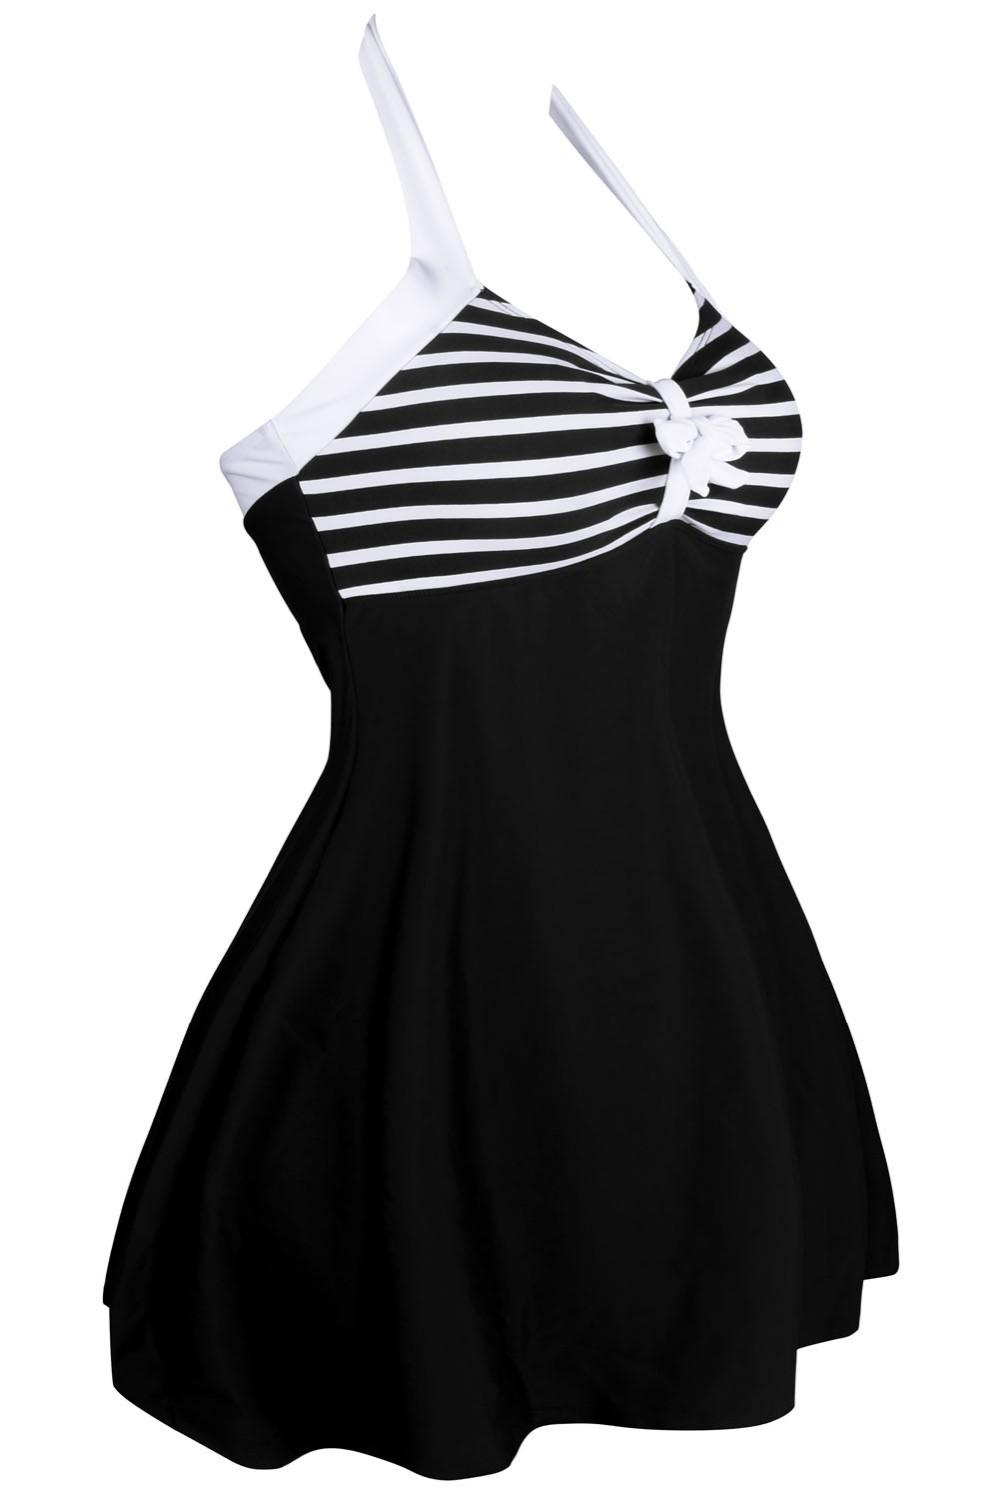 151bb0b420ce 2019 Wholesale Aleumdr One Piece Playsuit Swimwear Beach Wear Girls ...